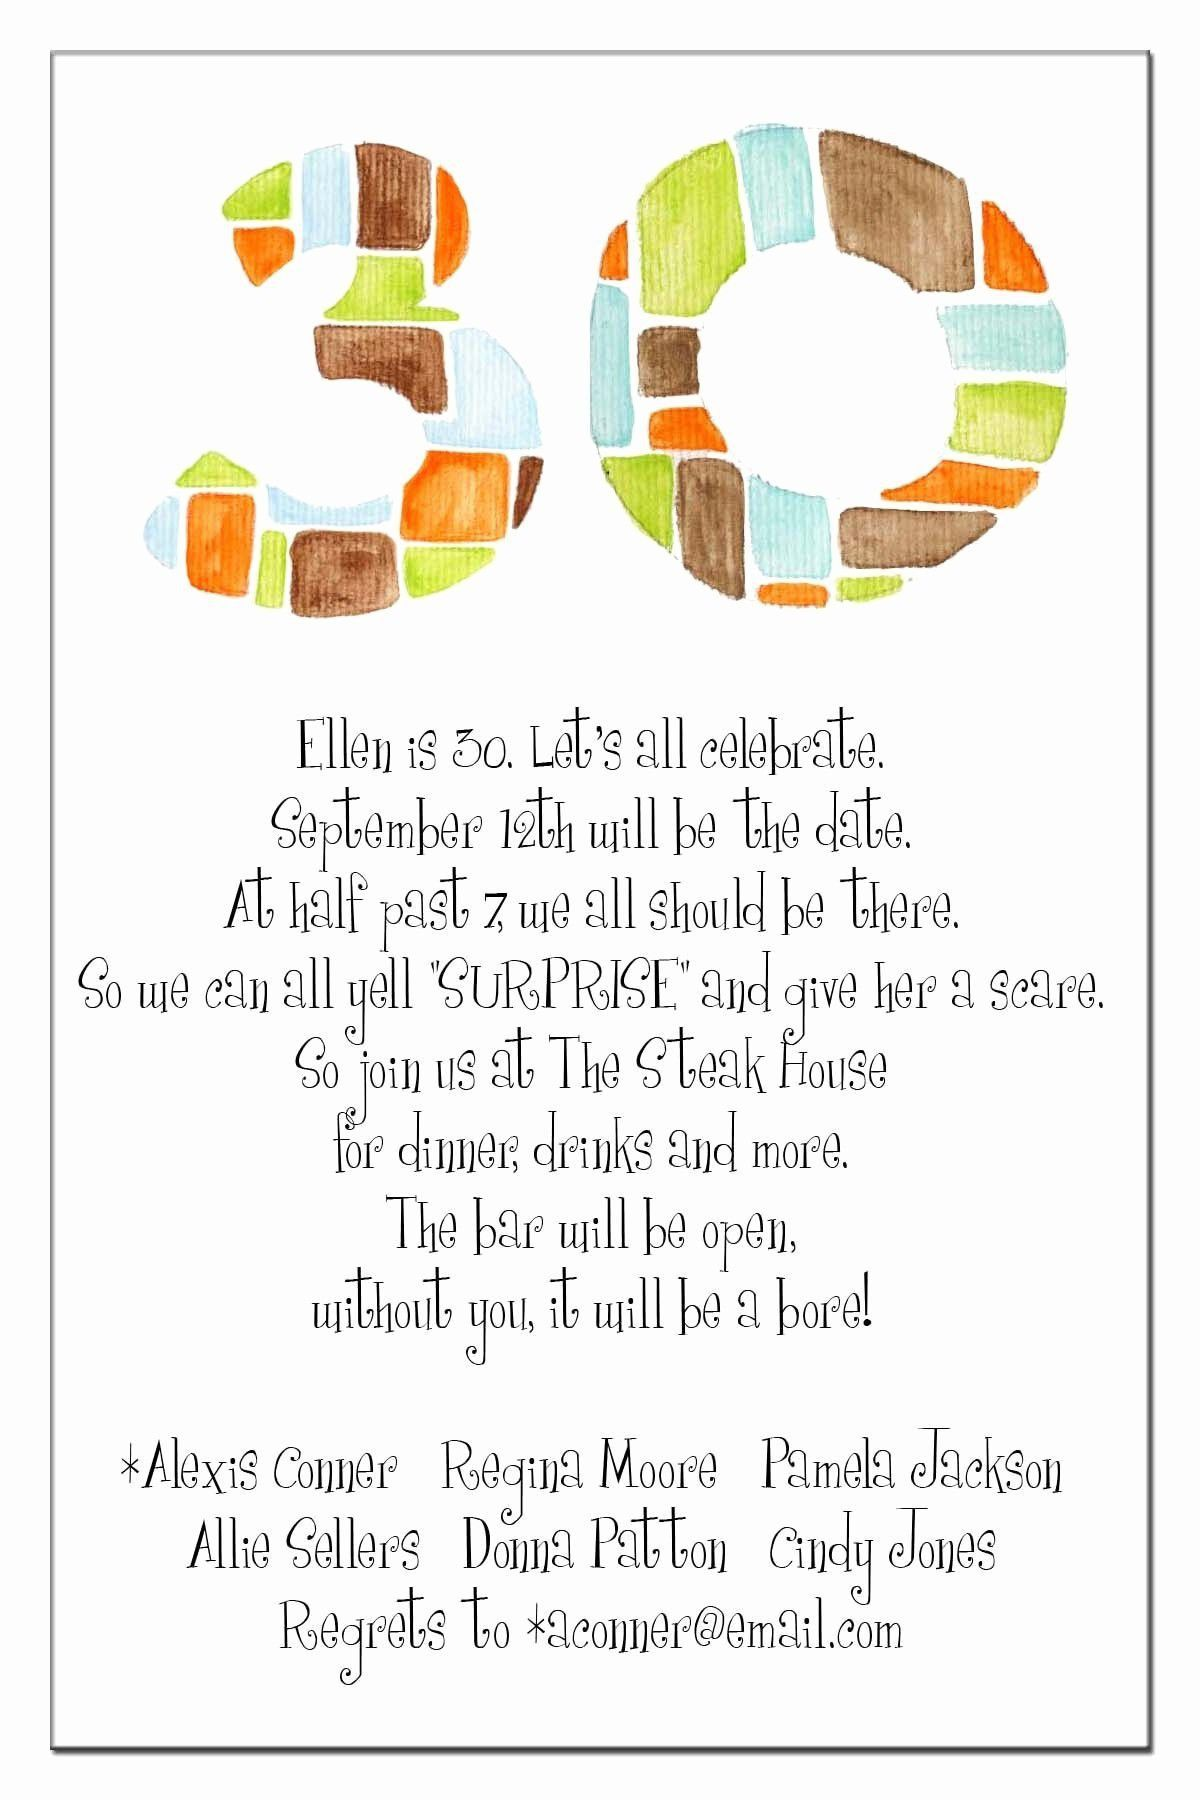 Einladungskarten Einladungen 30 Geburtstag Einladung Insparadies Einladung Insparadi Einladung 30 Geburtstag Einladung Geburtstag Geburtstagseinladungen